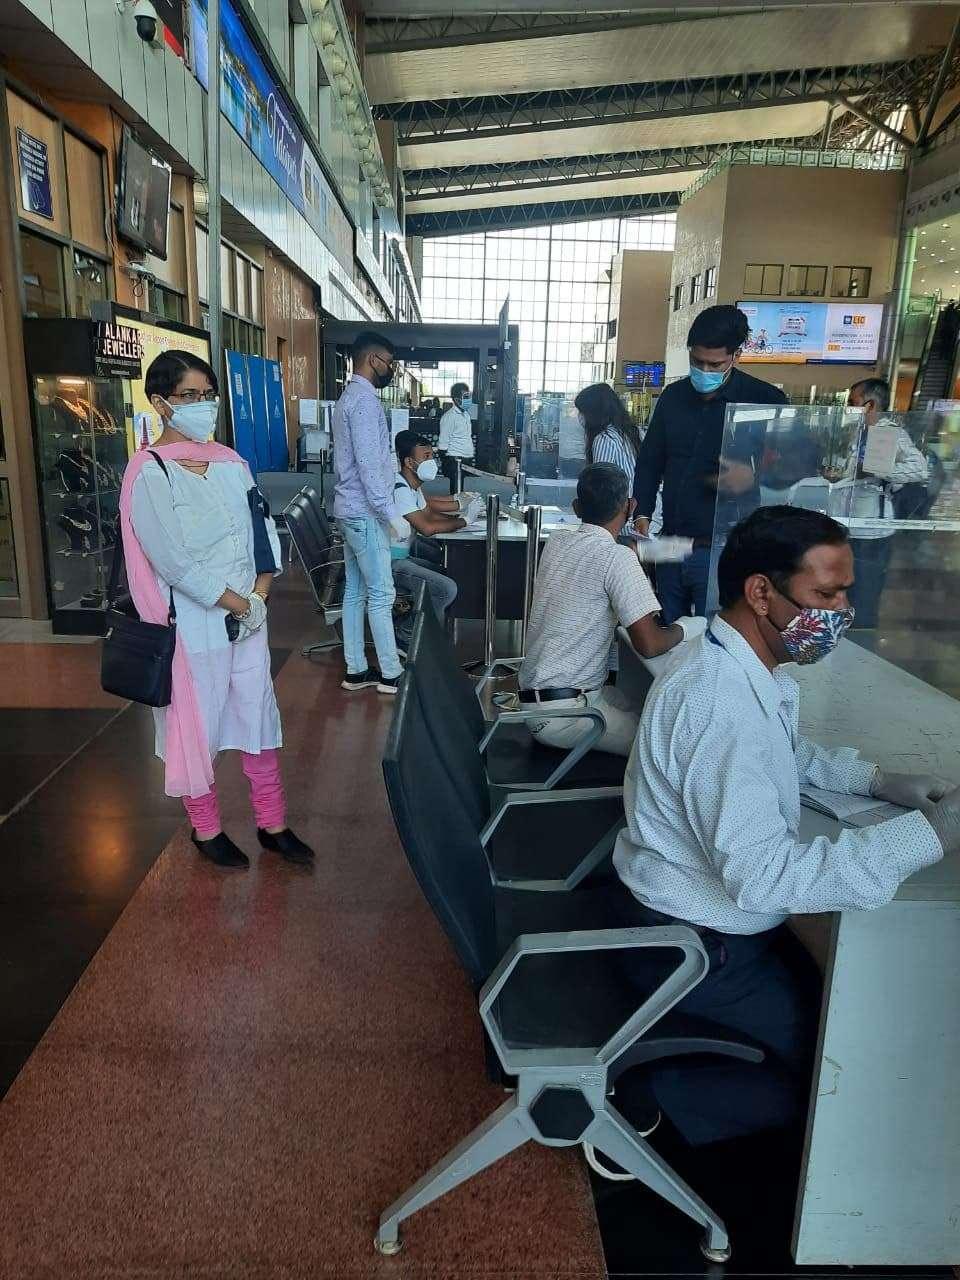 udaipur_airport1.jpg